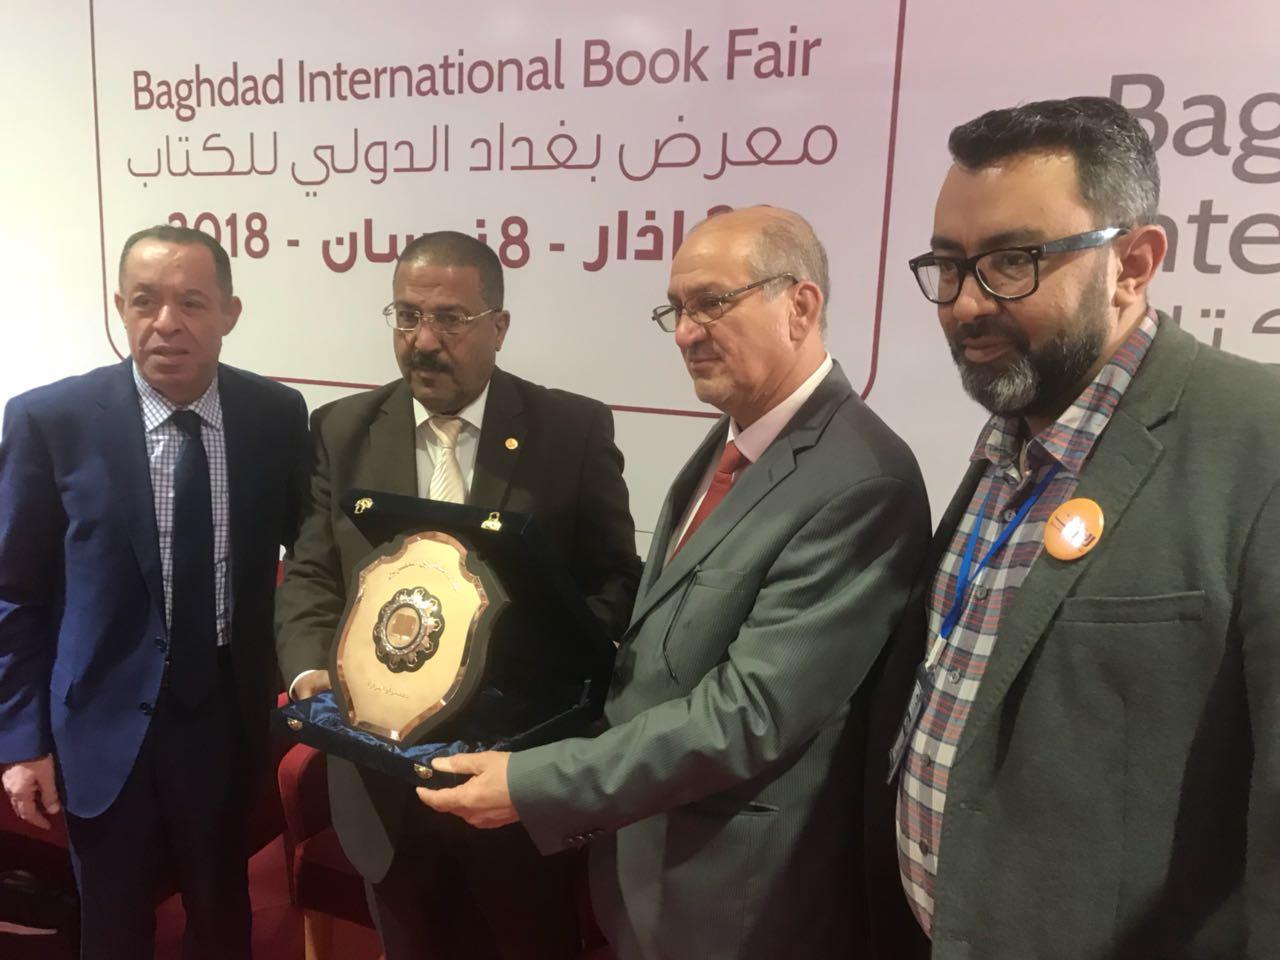 الناشرين المصريين يكرم مدير معرض بغداد (3)